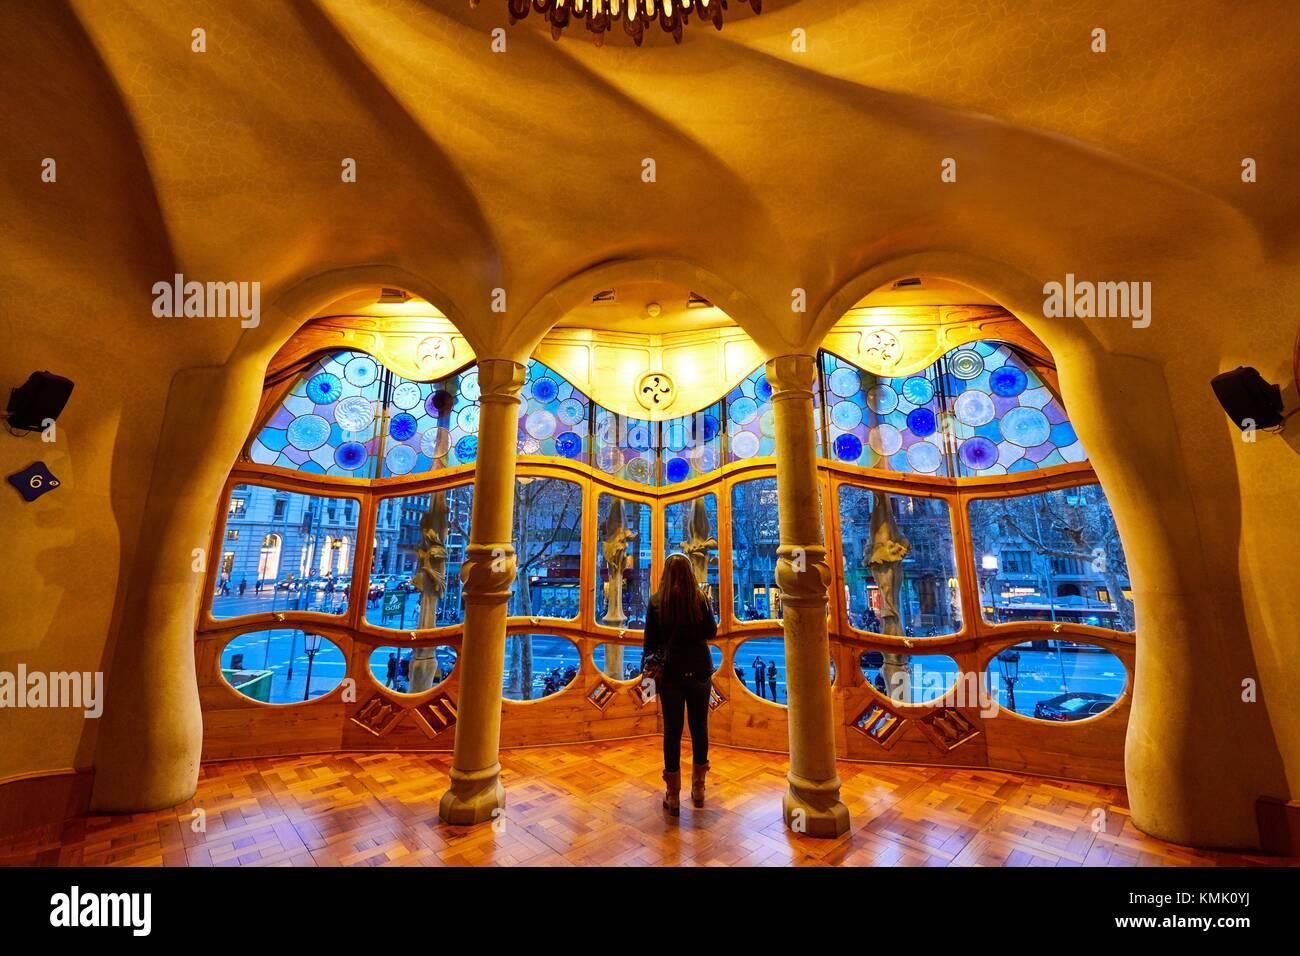 Casa Batlló par Antoni Gaudí architecte 1904-1906, Passeig de Gracia, Barcelone, Catalogne, Espagne Photo Stock